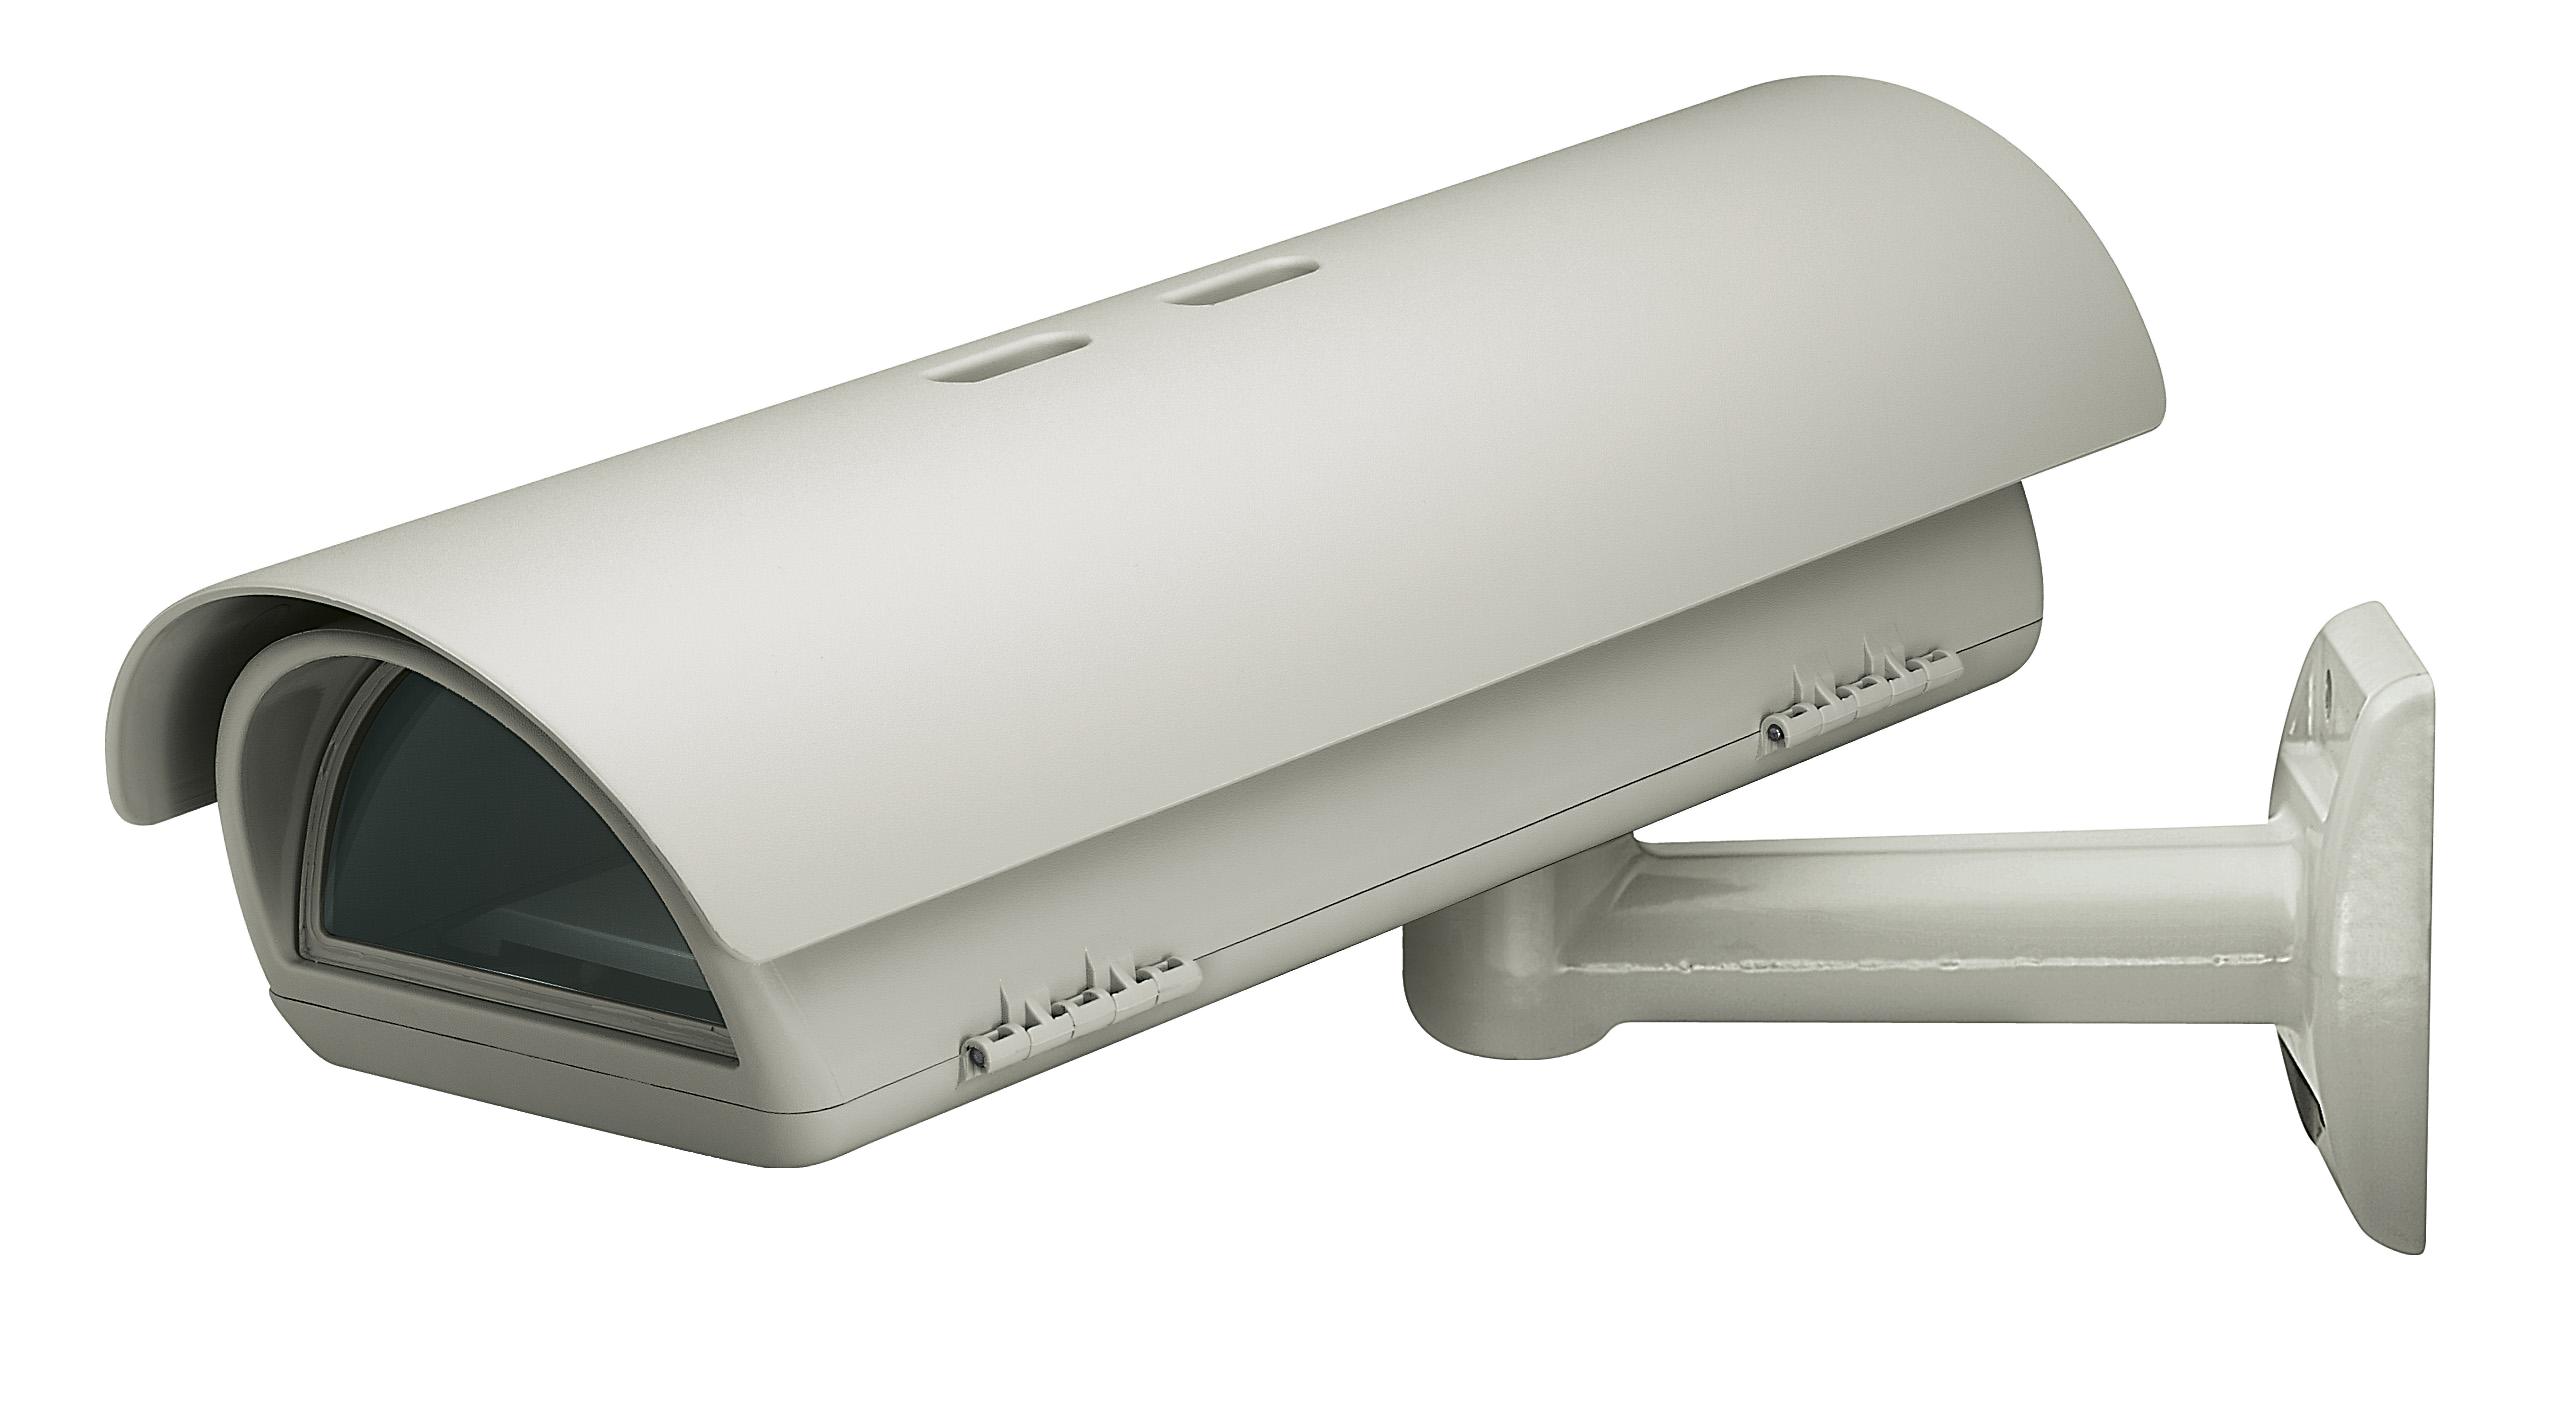 Visuel du coffret box issue de la gamme de caméras de surveillance produites par Videotec et distribuées par SIPPRO Solutions IP Protection en France.